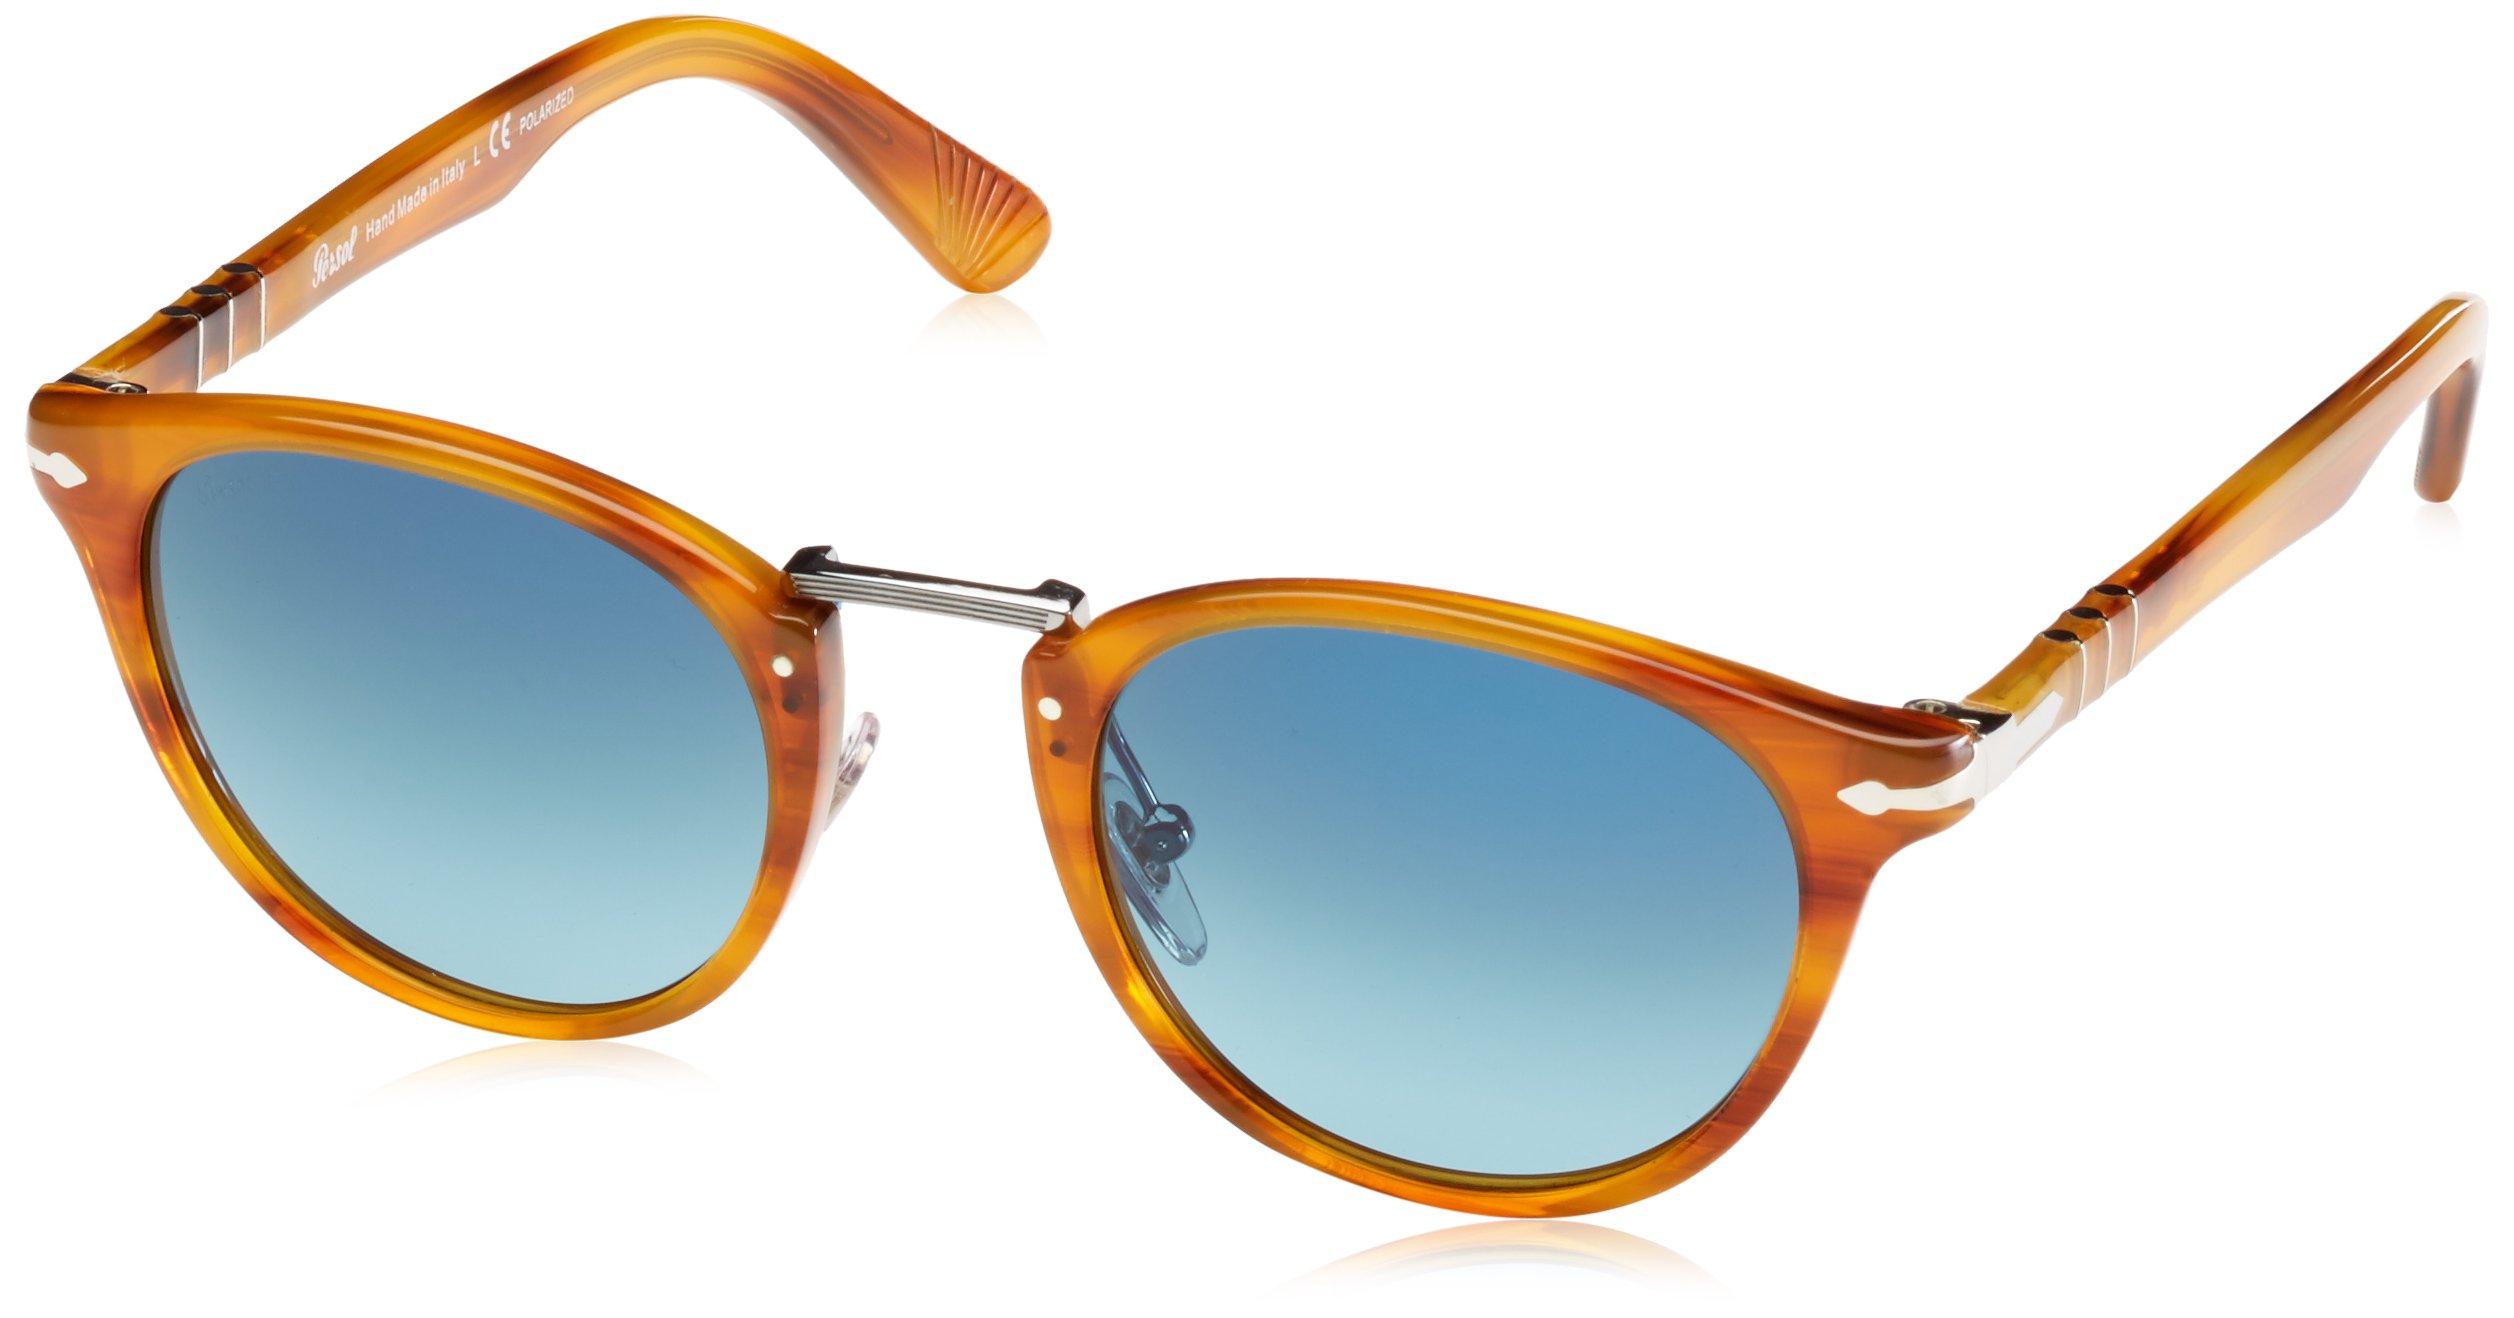 ویکالا · خرید  اصل اورجینال · خرید از آمازون · Persol Mens Sunglasses (PO3108) Brown/Blue Acetate - Polarized - 49mm wekala · ویکالا